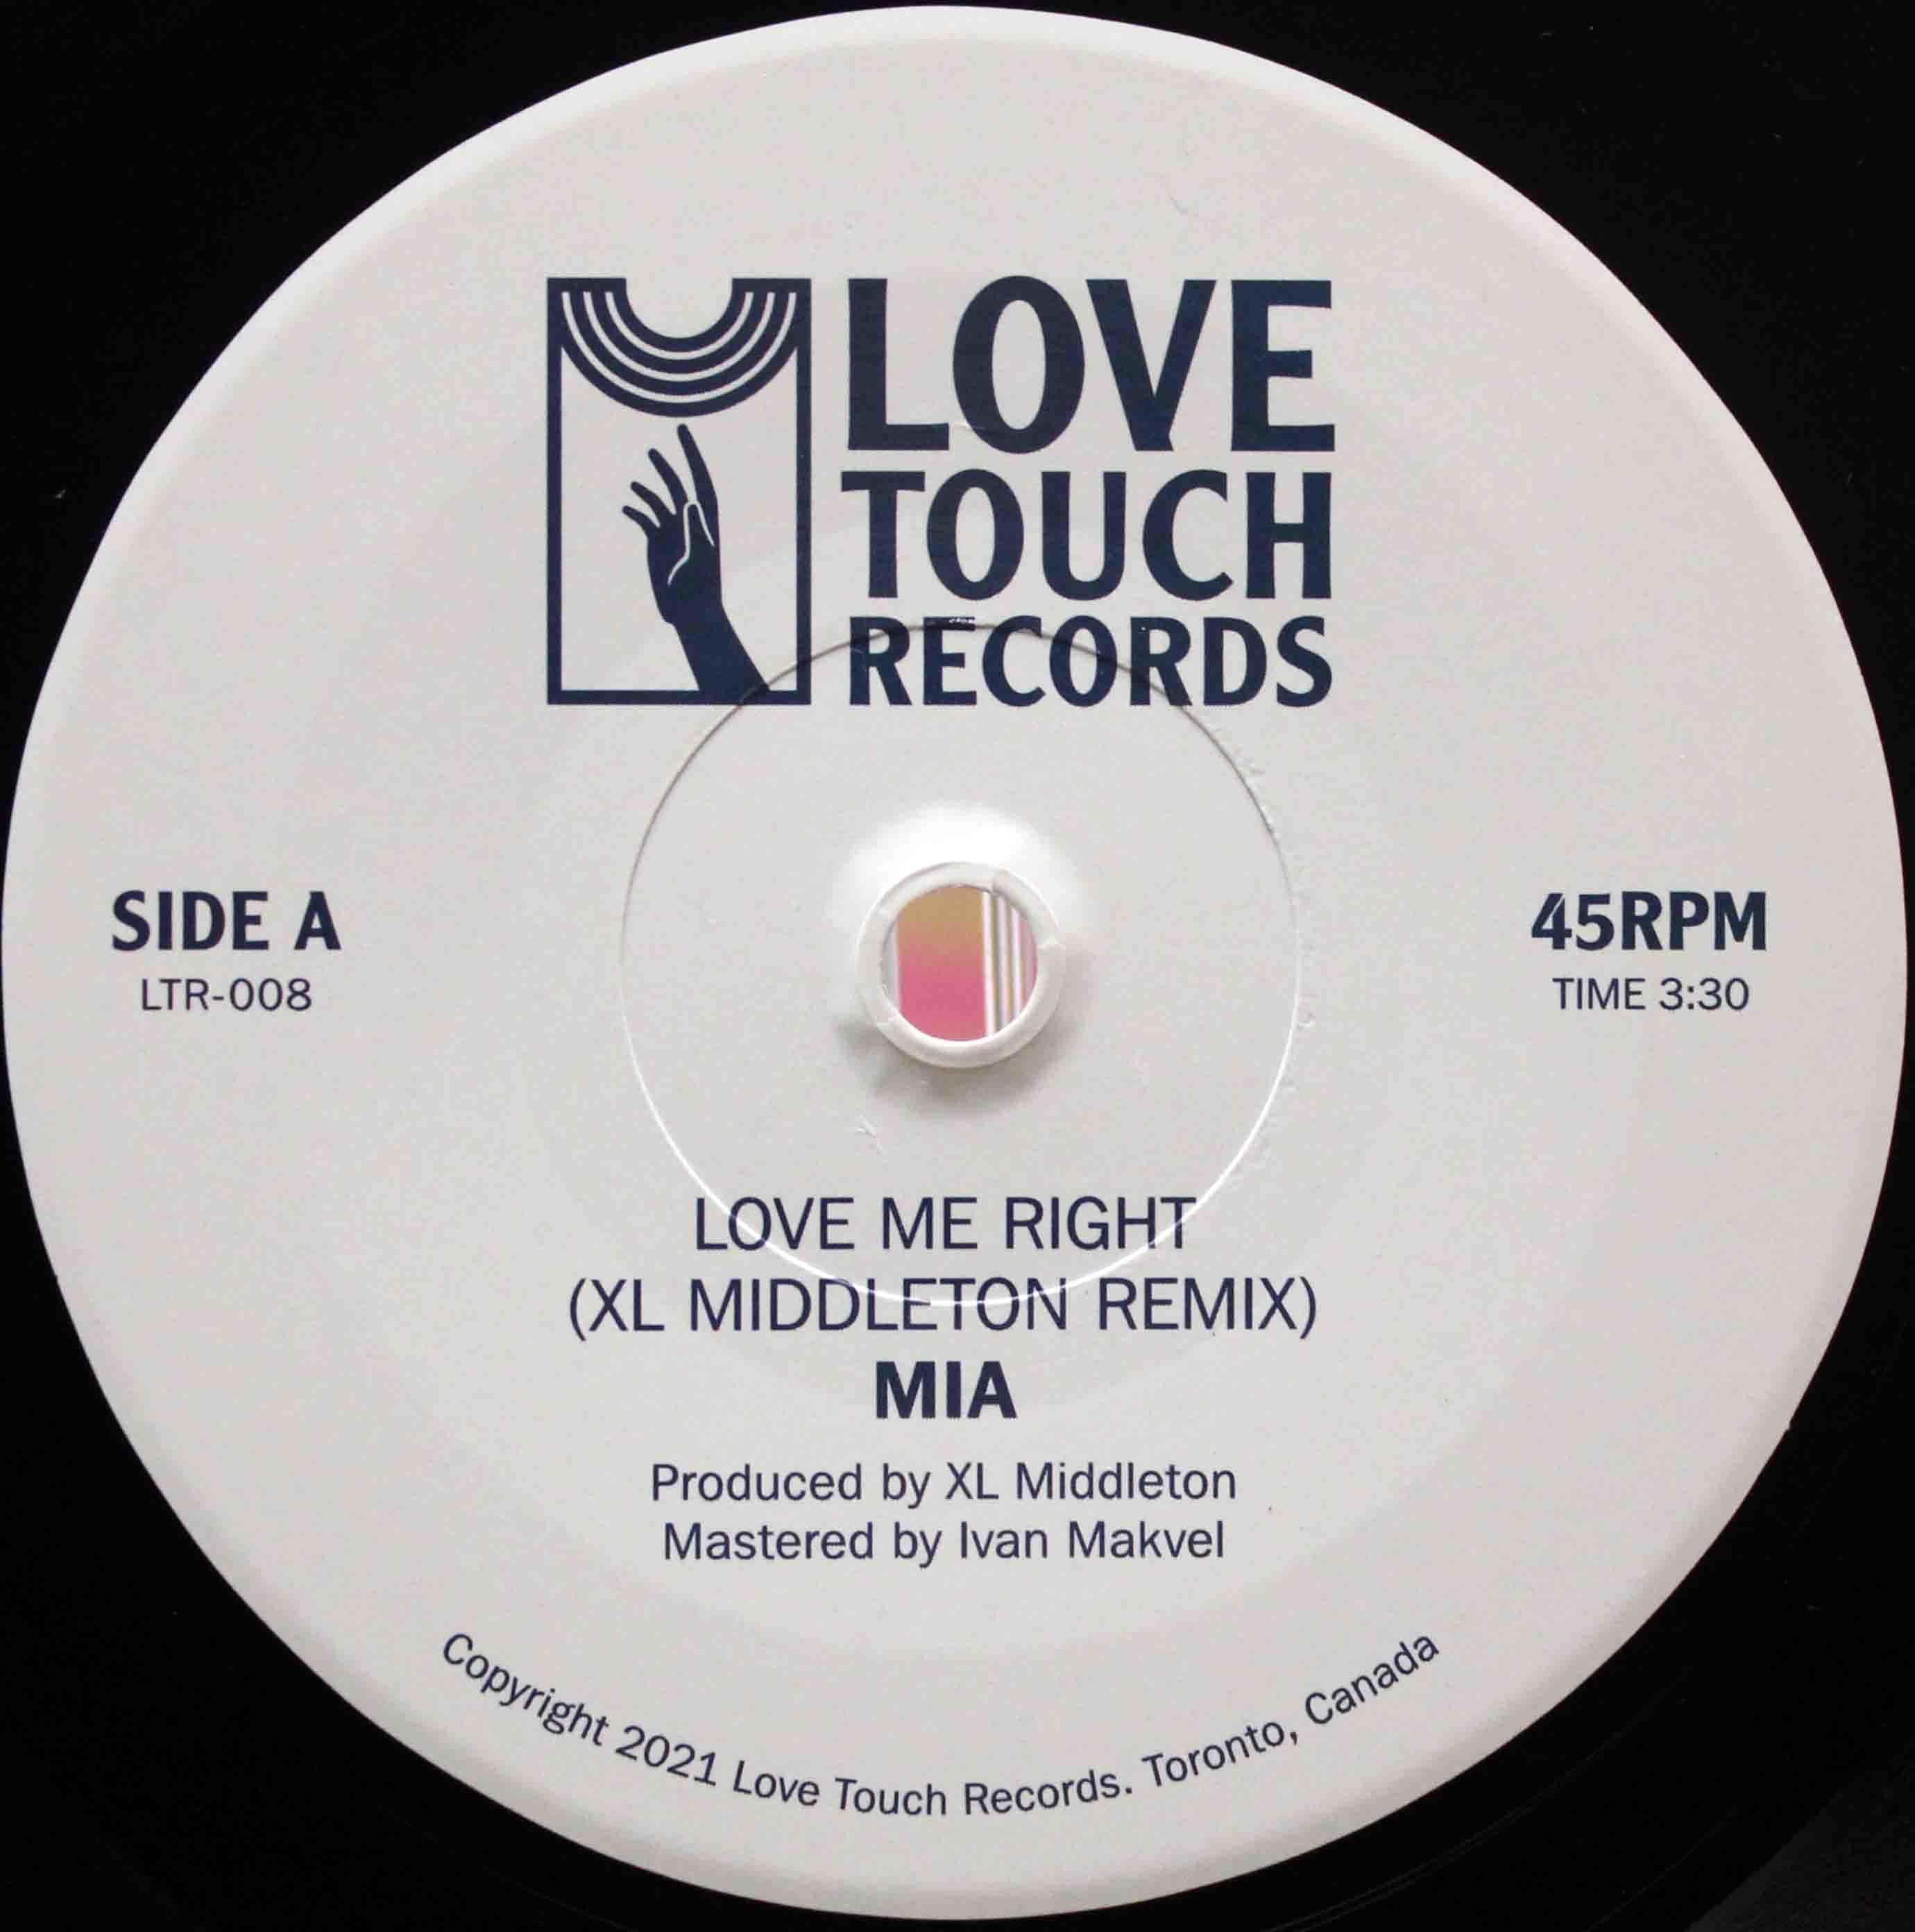 mia - love me right (xl middleton remix) 03